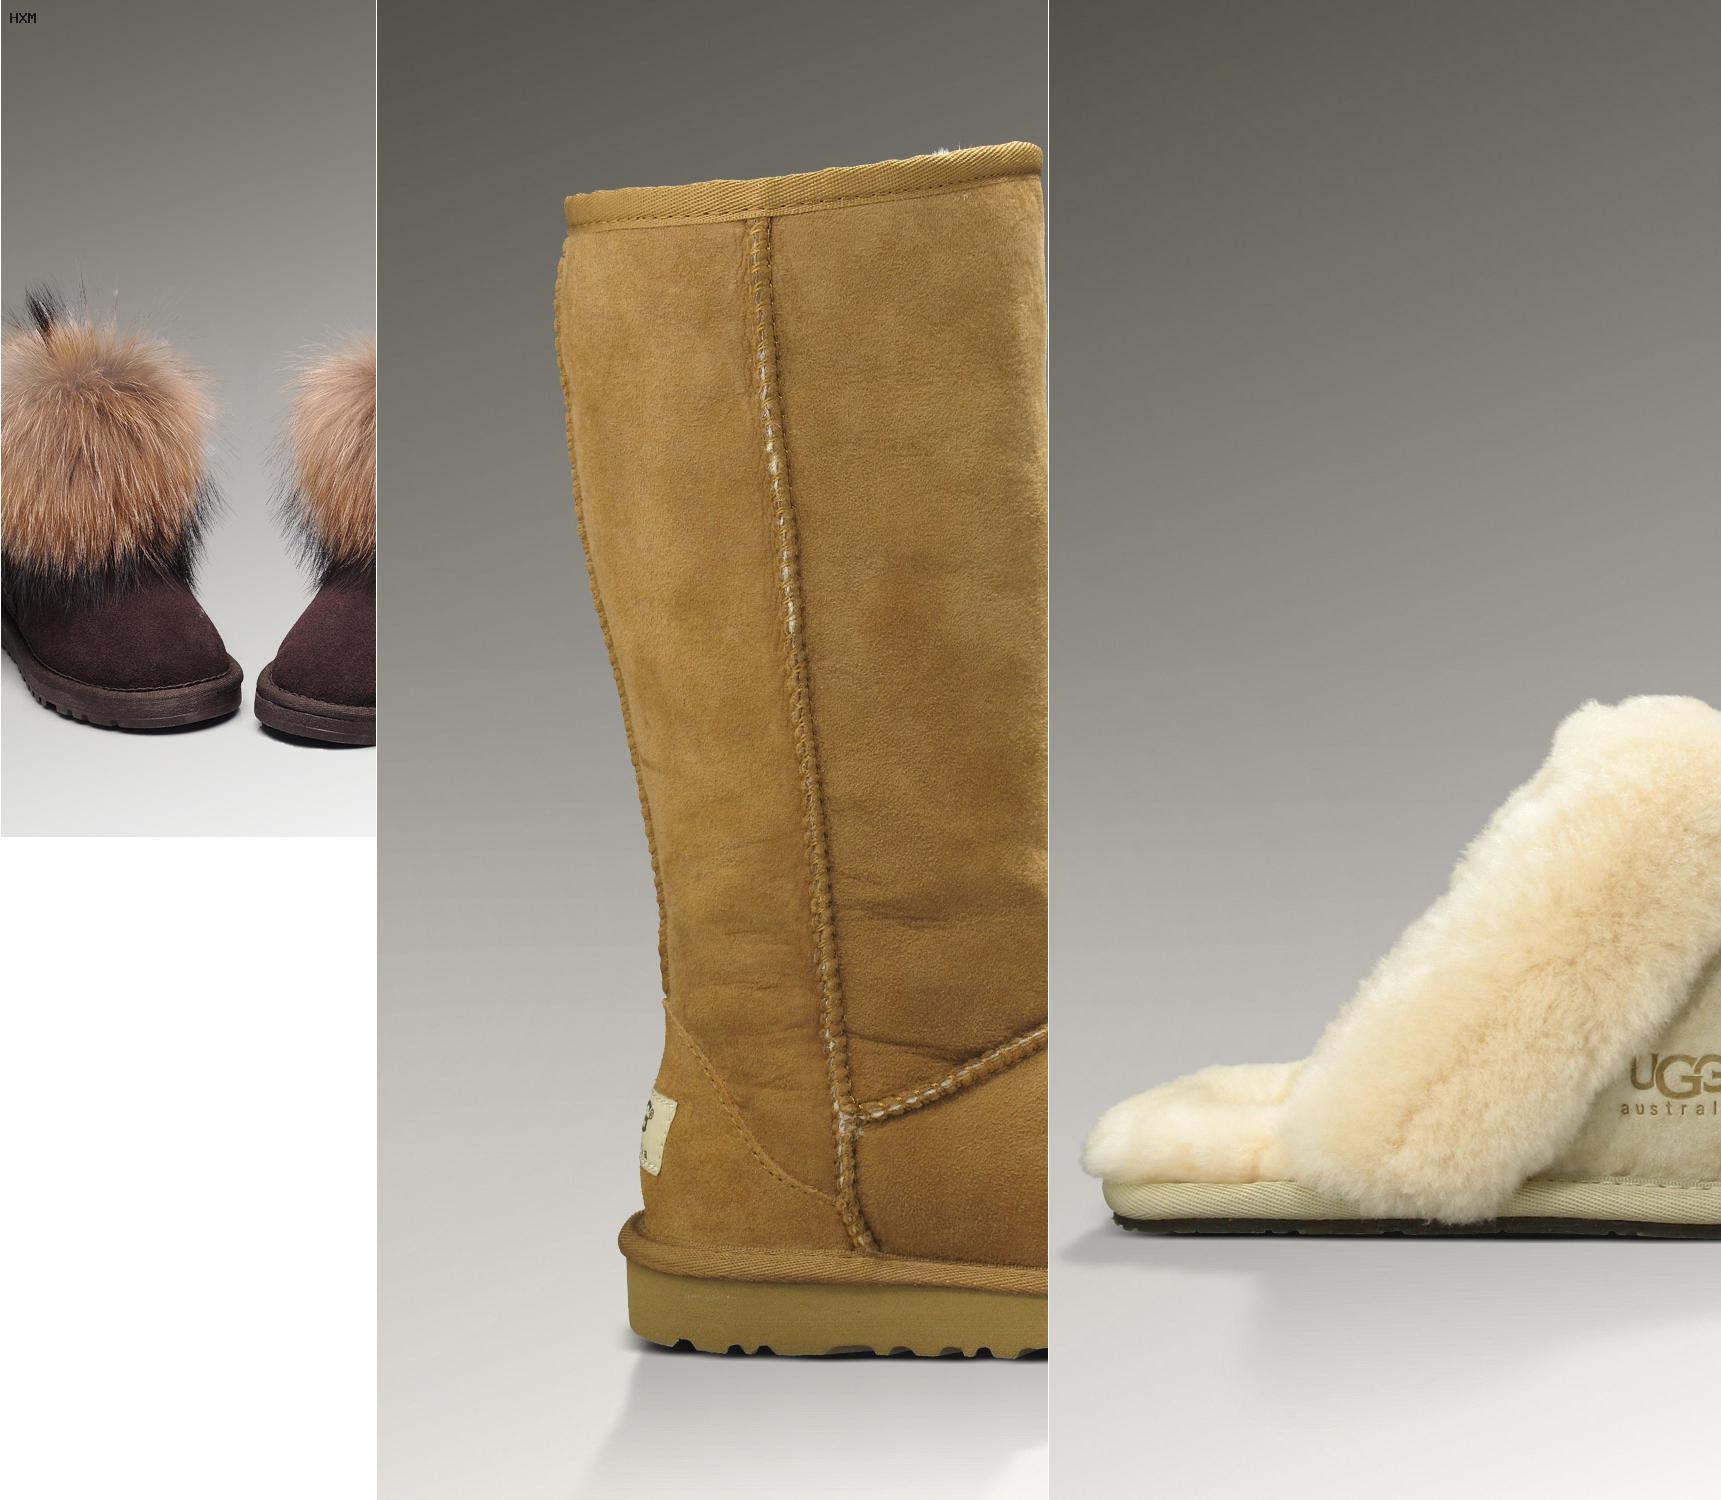 ugg boots bologna